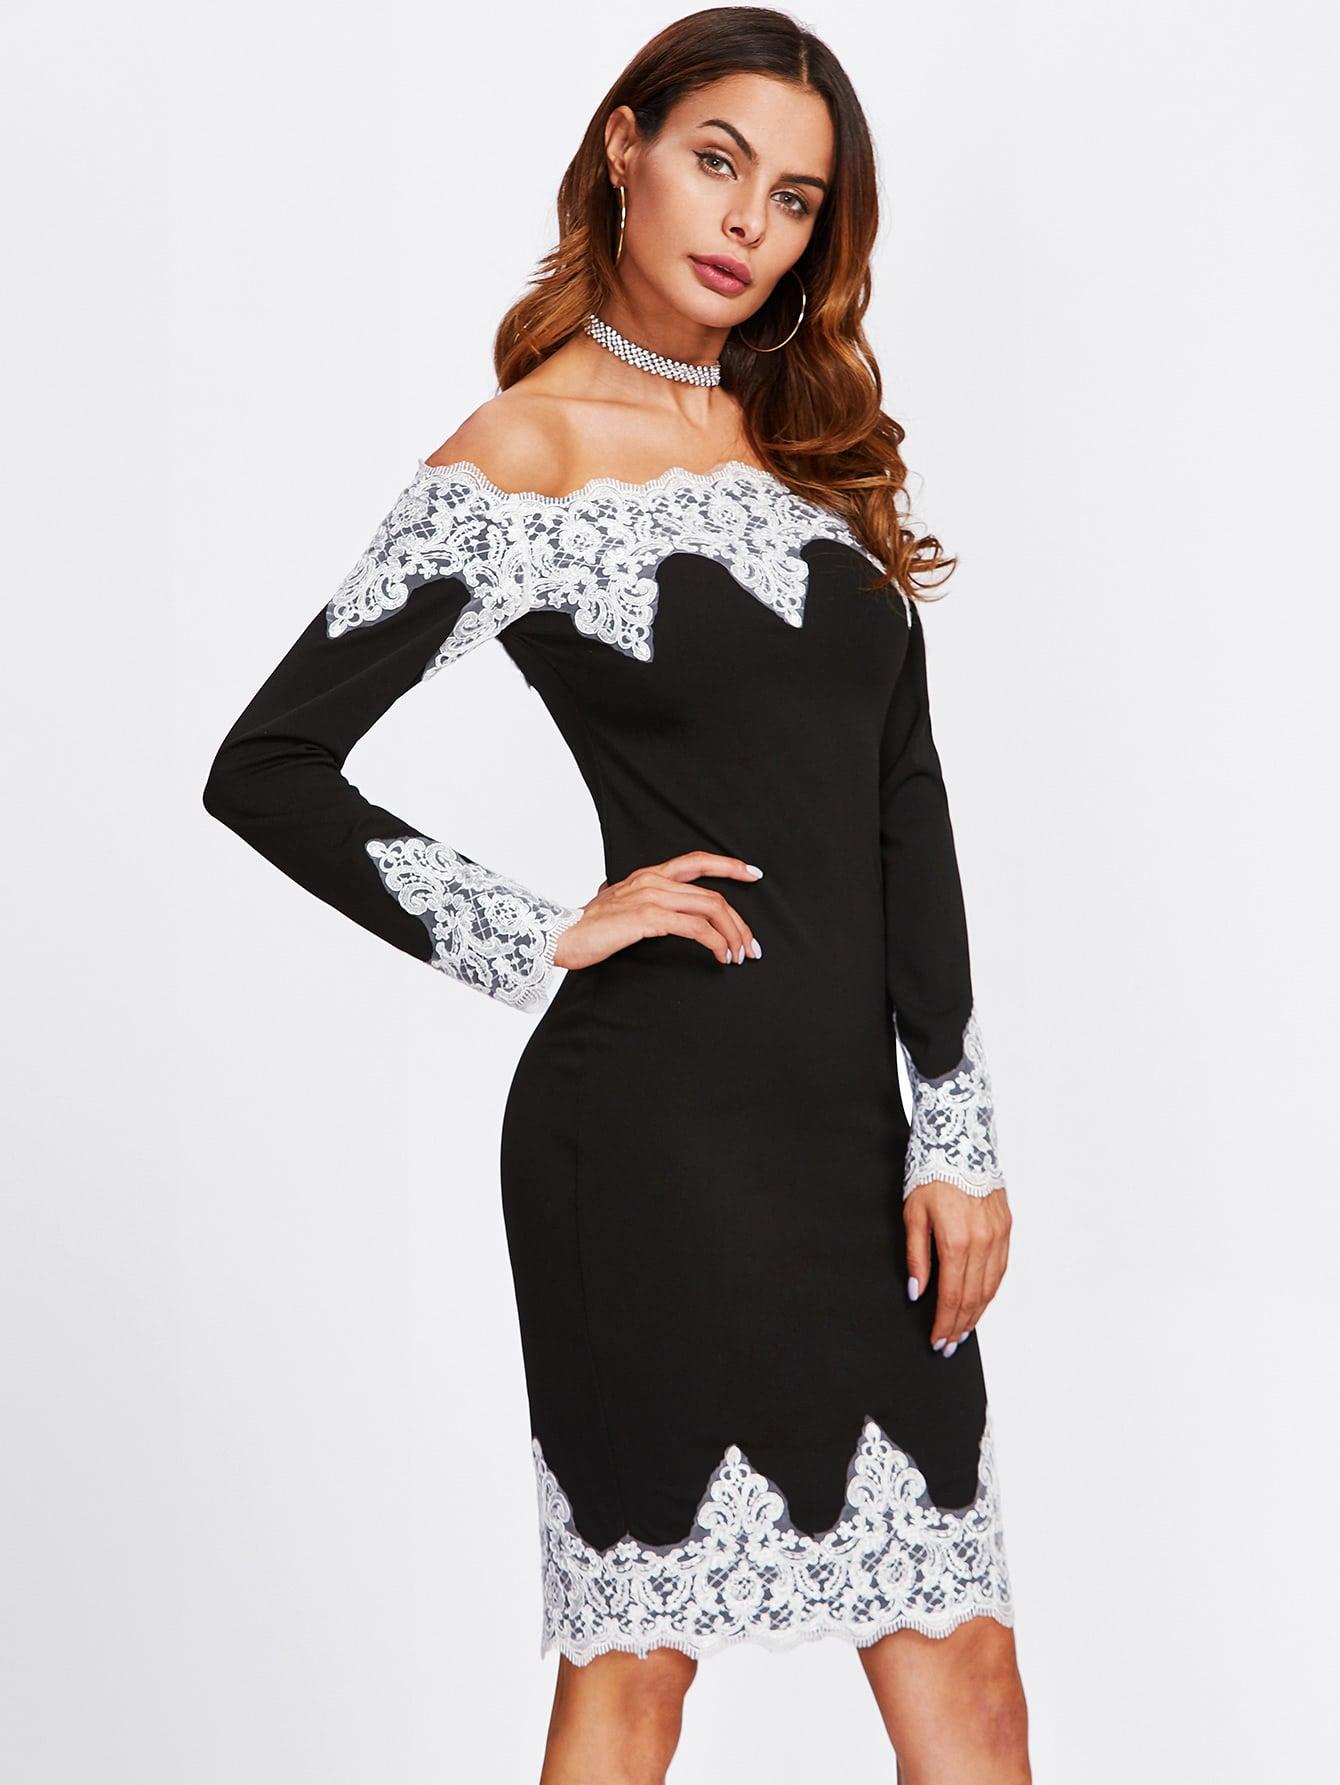 Contrast Lace Trim Off Shoulder Pencil Dress maison jules new junior s small s pink combo lace crepe contrast trim dress $89